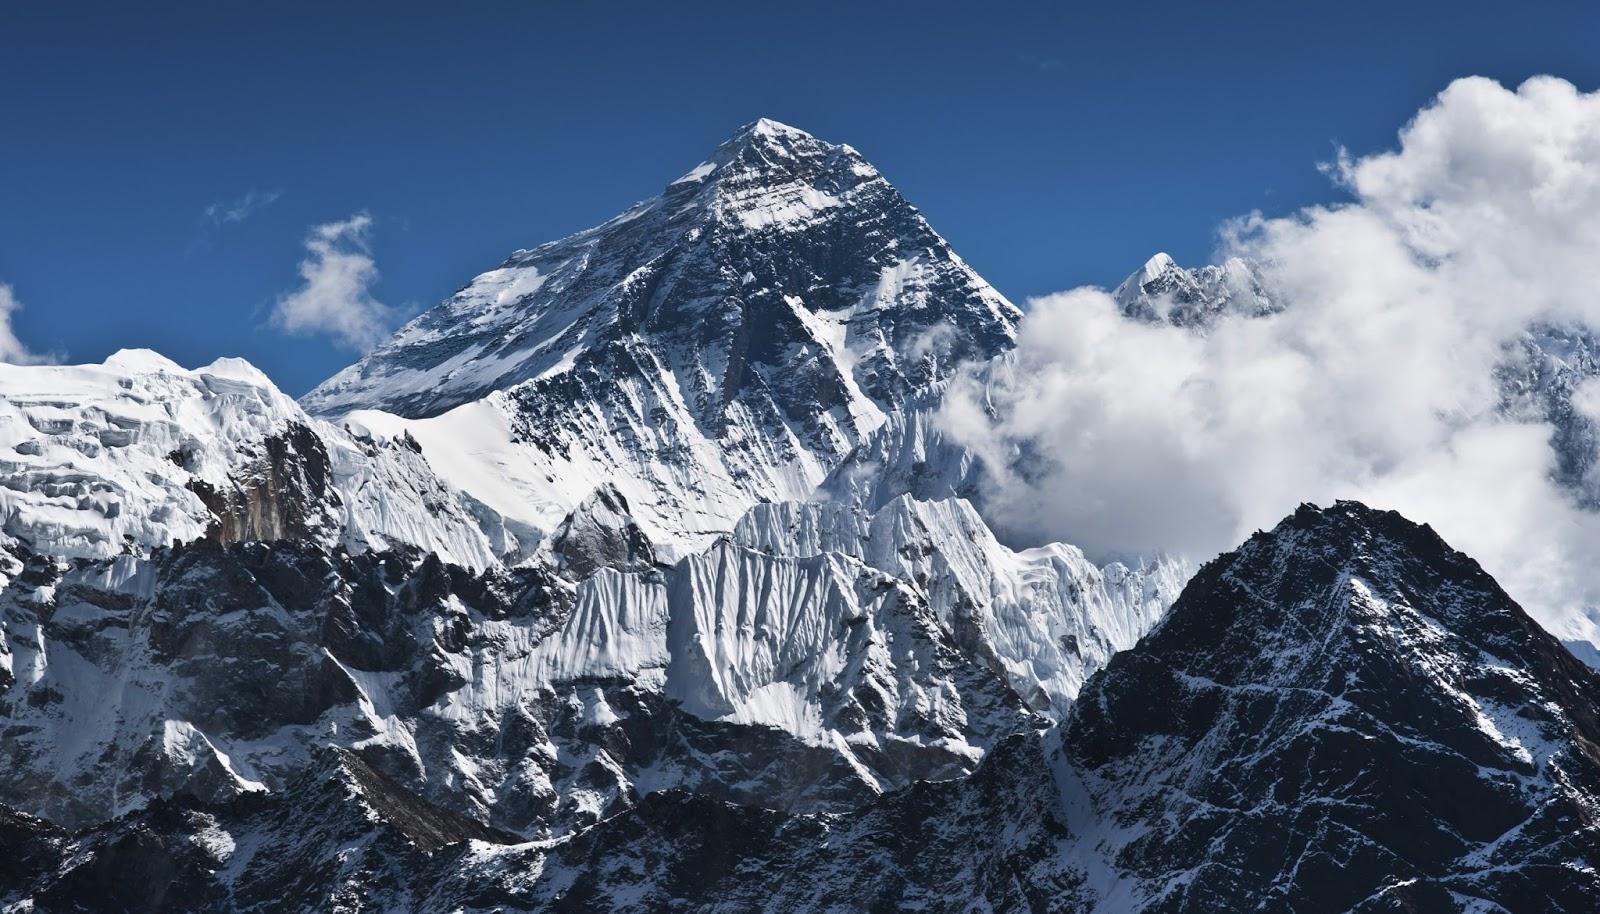 nama gunung dna puncak Jaya gunung tertinggi di Indonesia